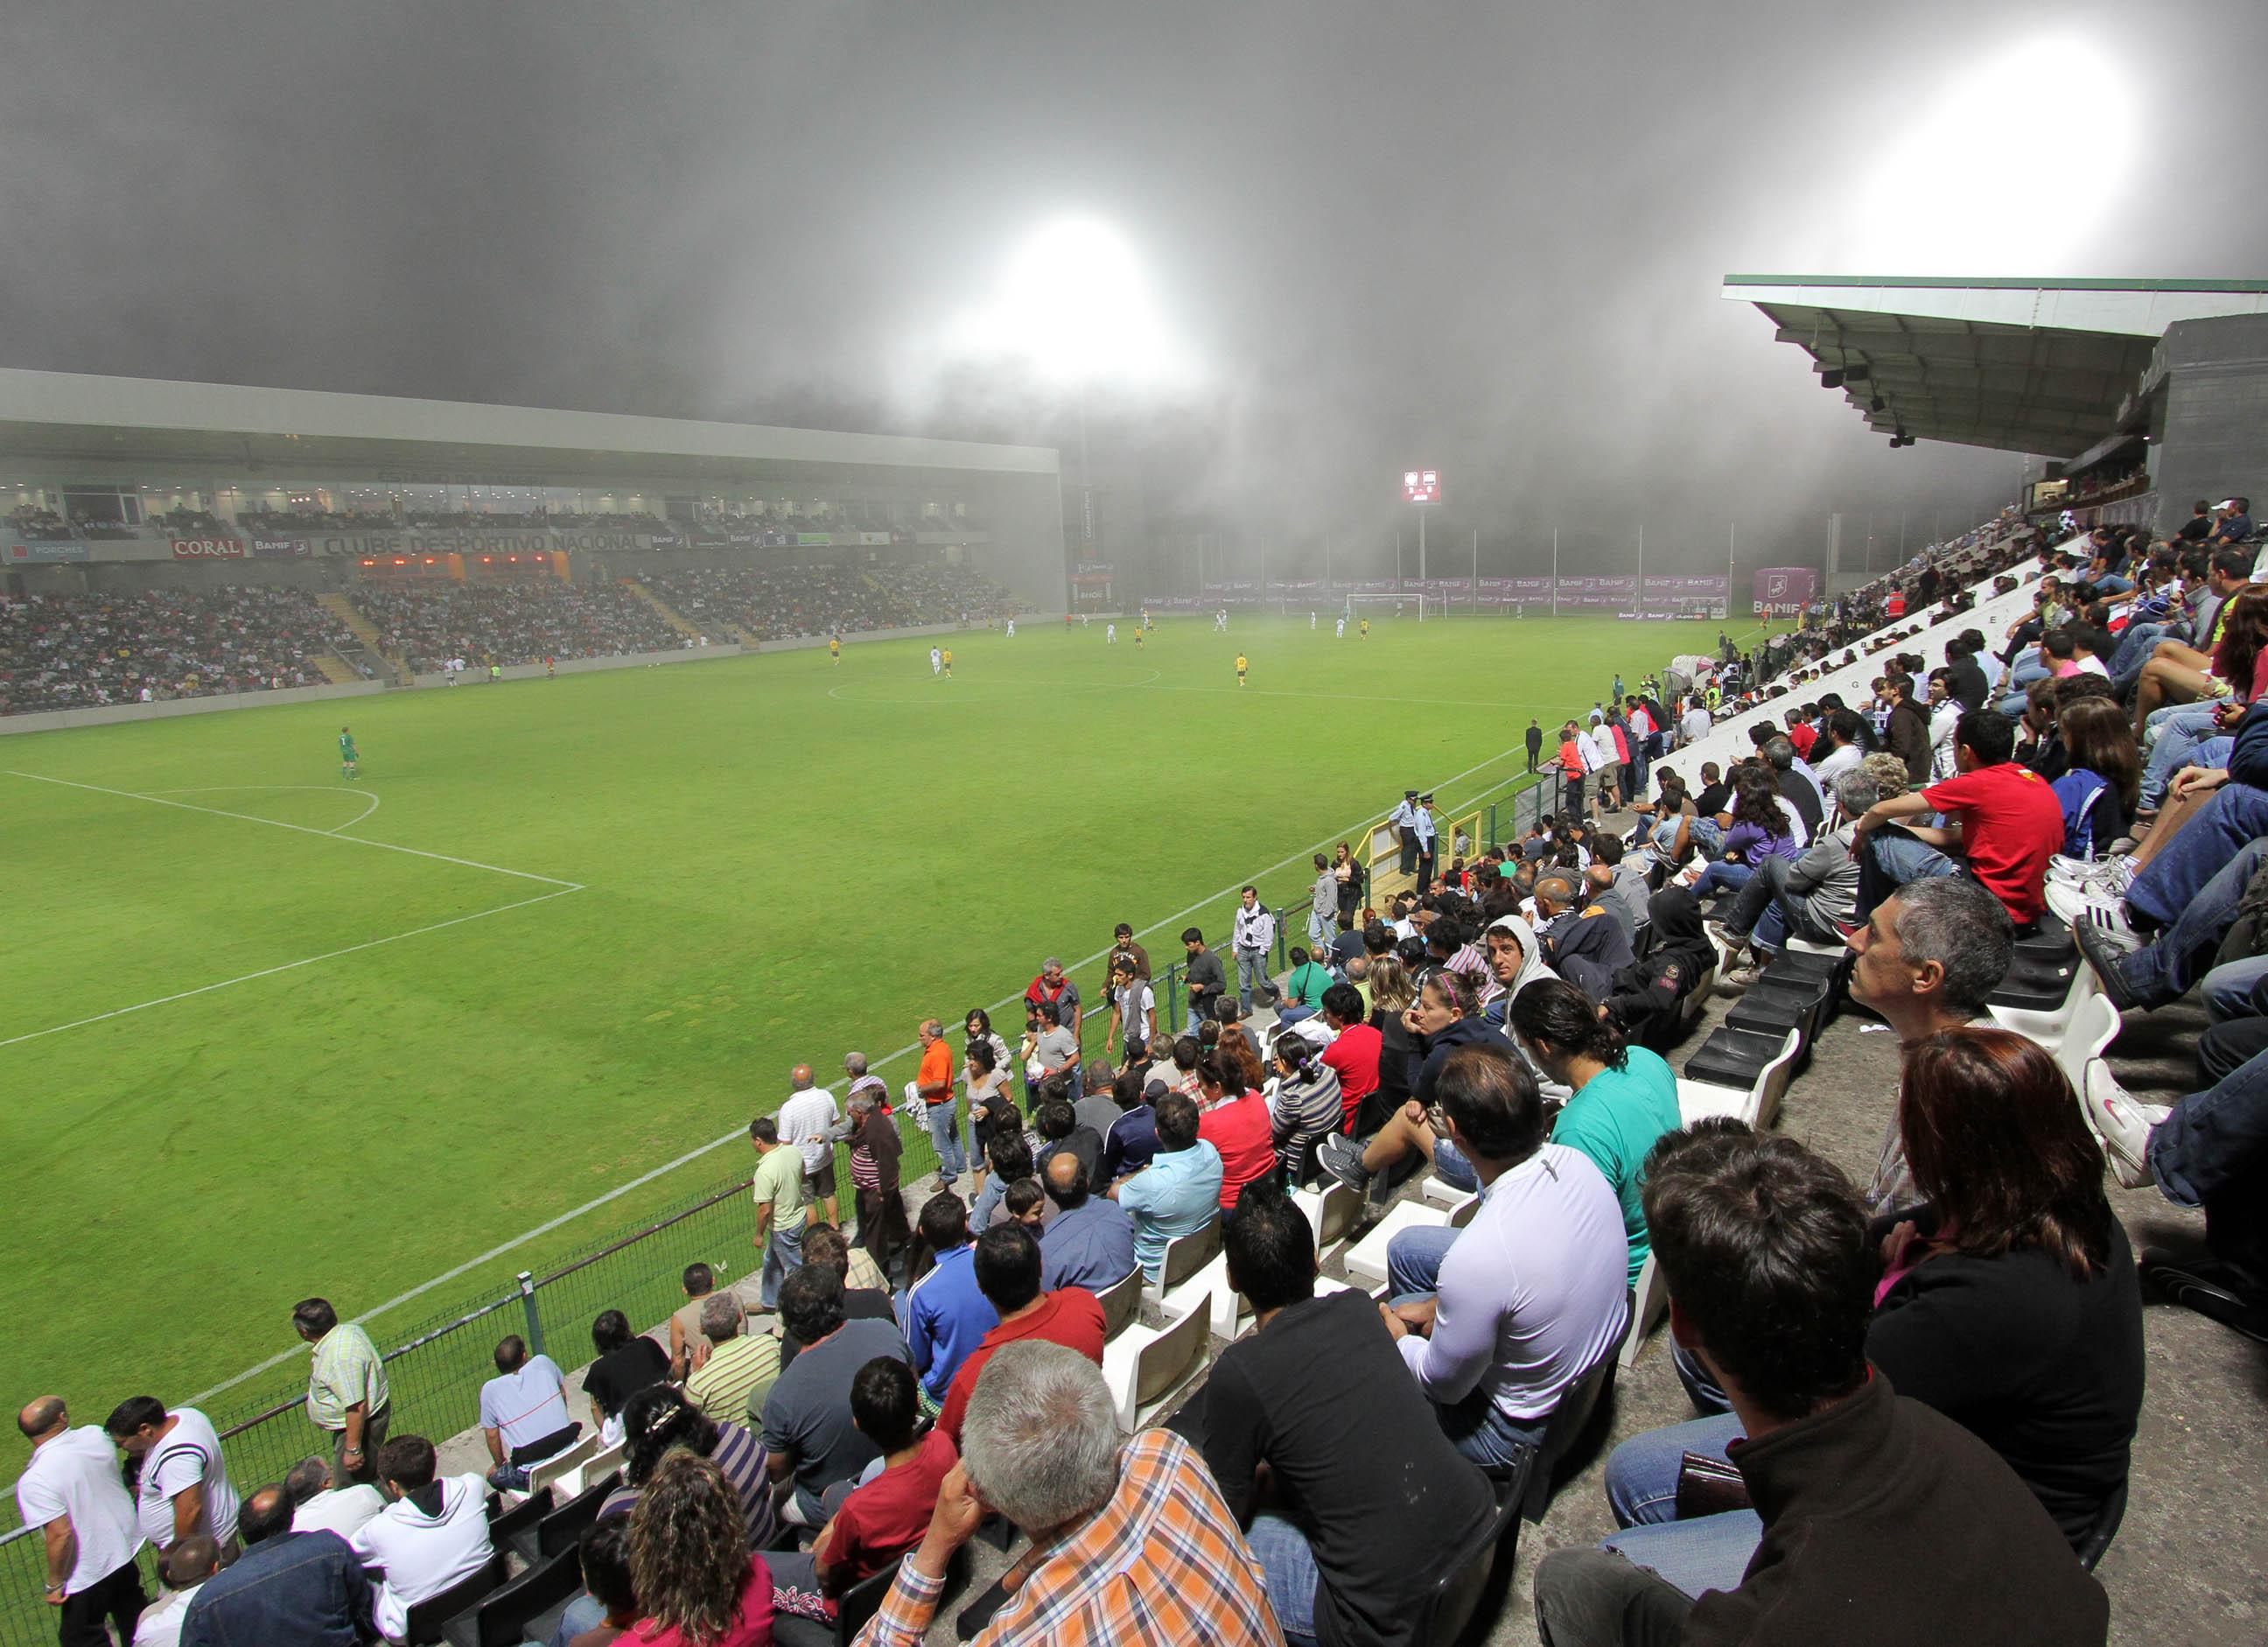 Nacional Benfica: Clube Desportivo Nacional Bilhetes Todos Vendidos Para O